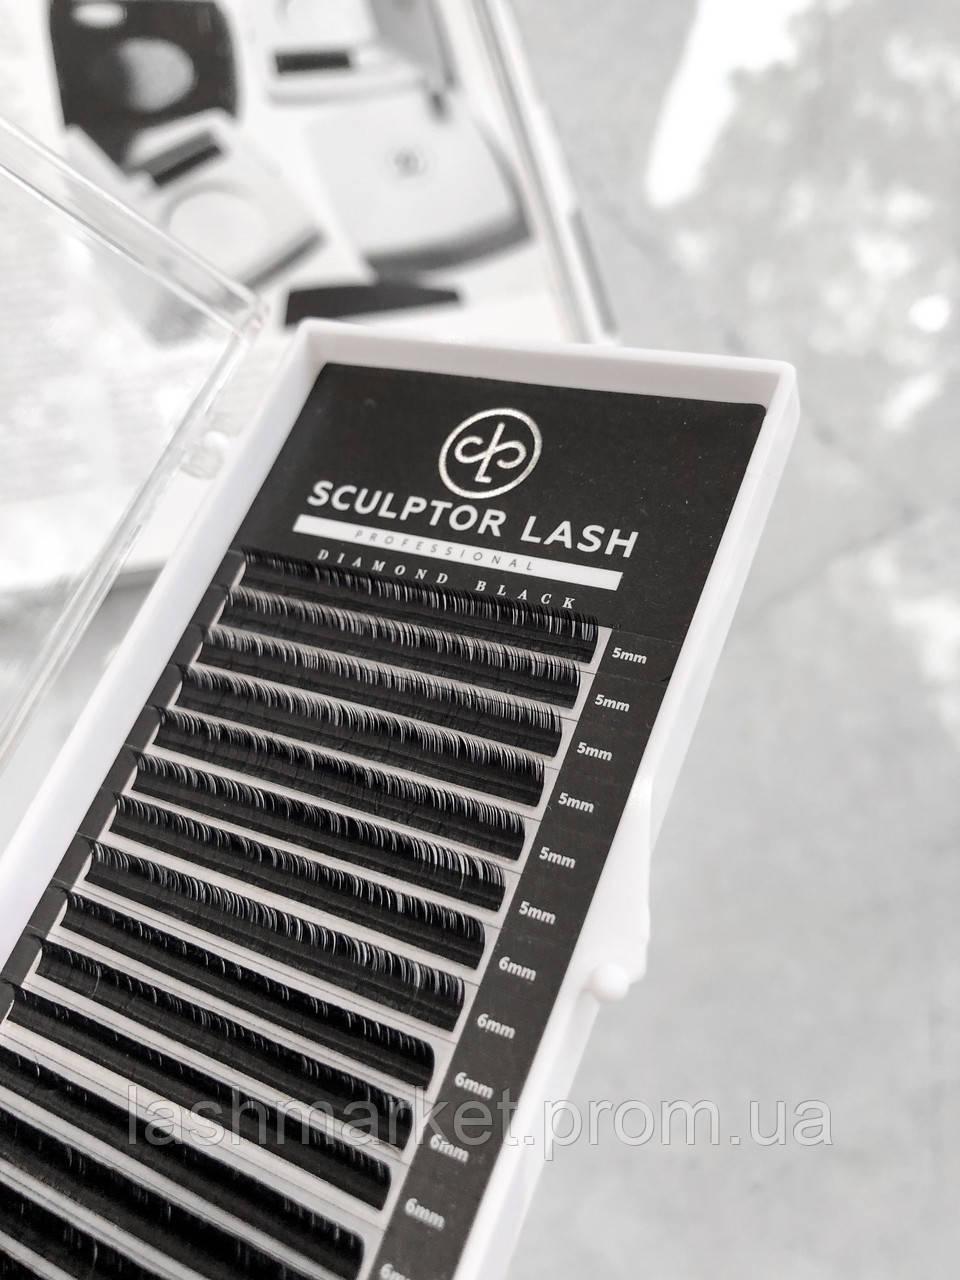 Вії ОТД ДОВЖИНА D 0.10 -13 мм Sculptor Lash Diamond Black чорні(для нарощування вій)